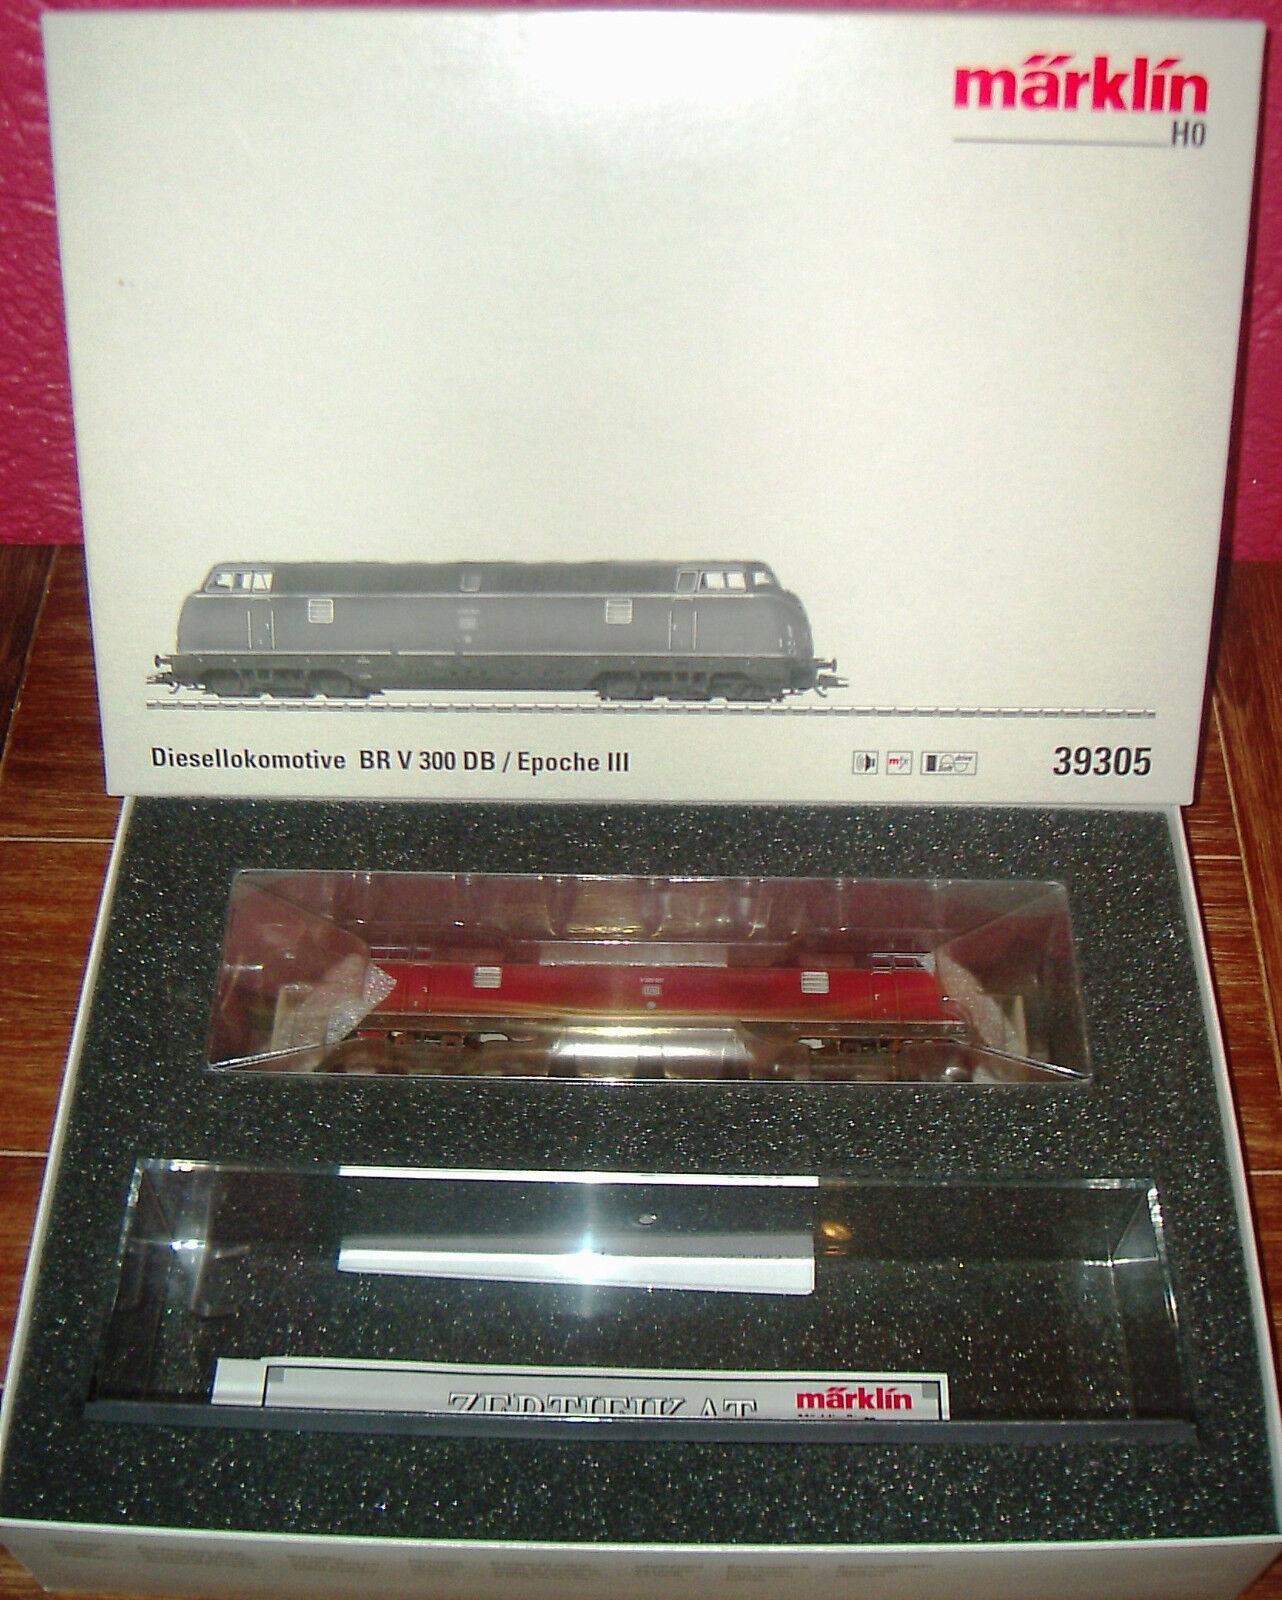 h0 39305 Diesel-Lok v300 della DB  Store Lok , mattoncini in scatola originale